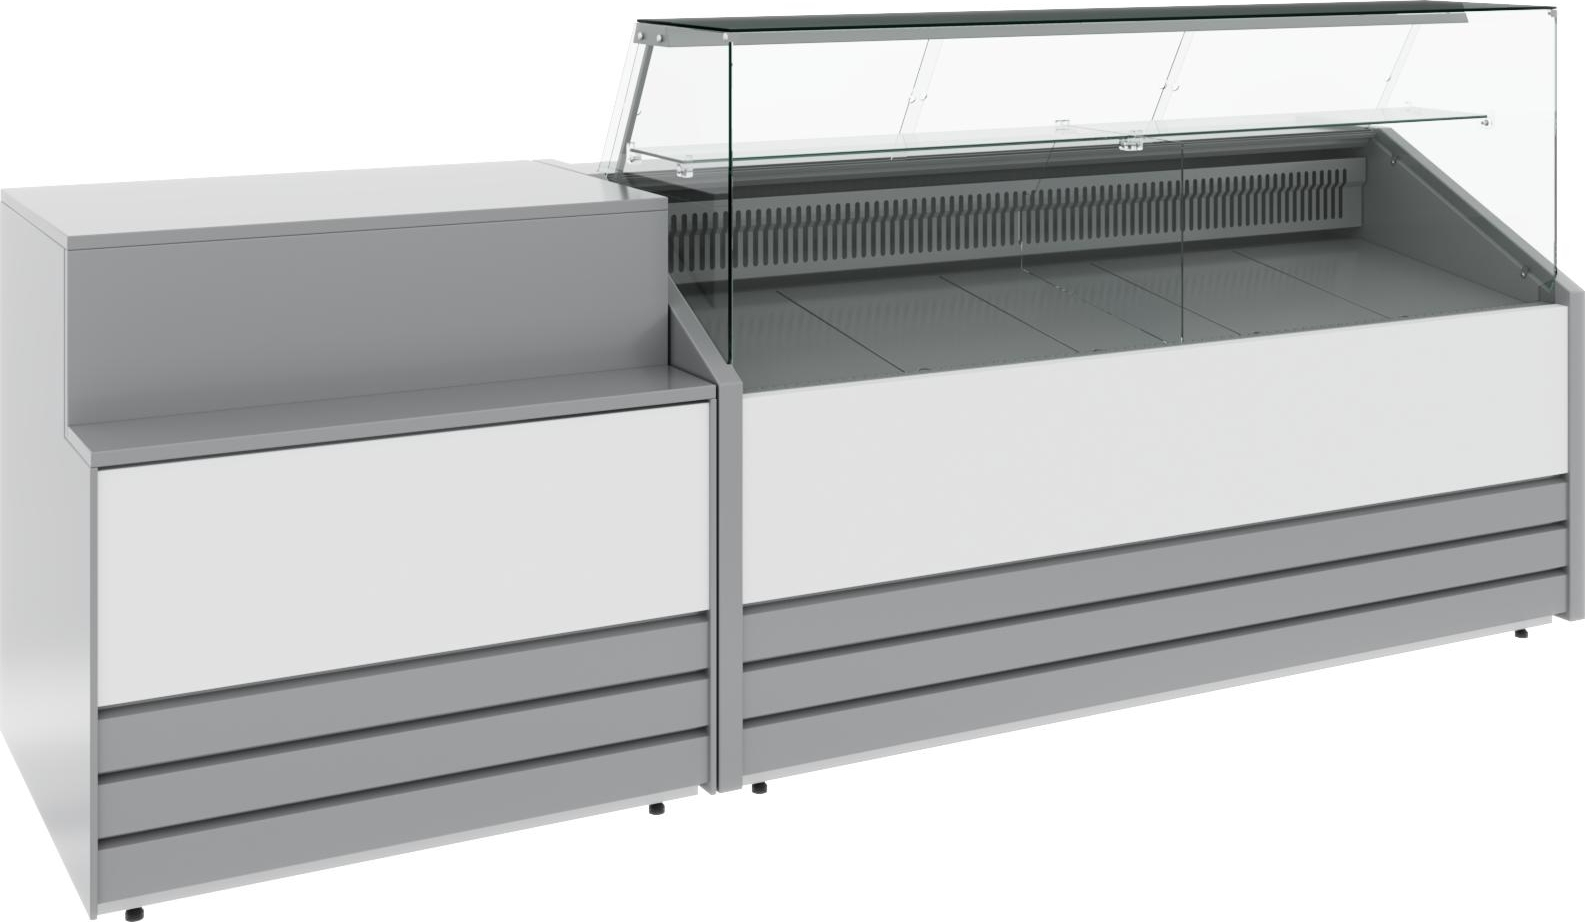 Холодильная витрина CARBOMA COLORE GС75 SM1.8-1 9006-9003 - 15